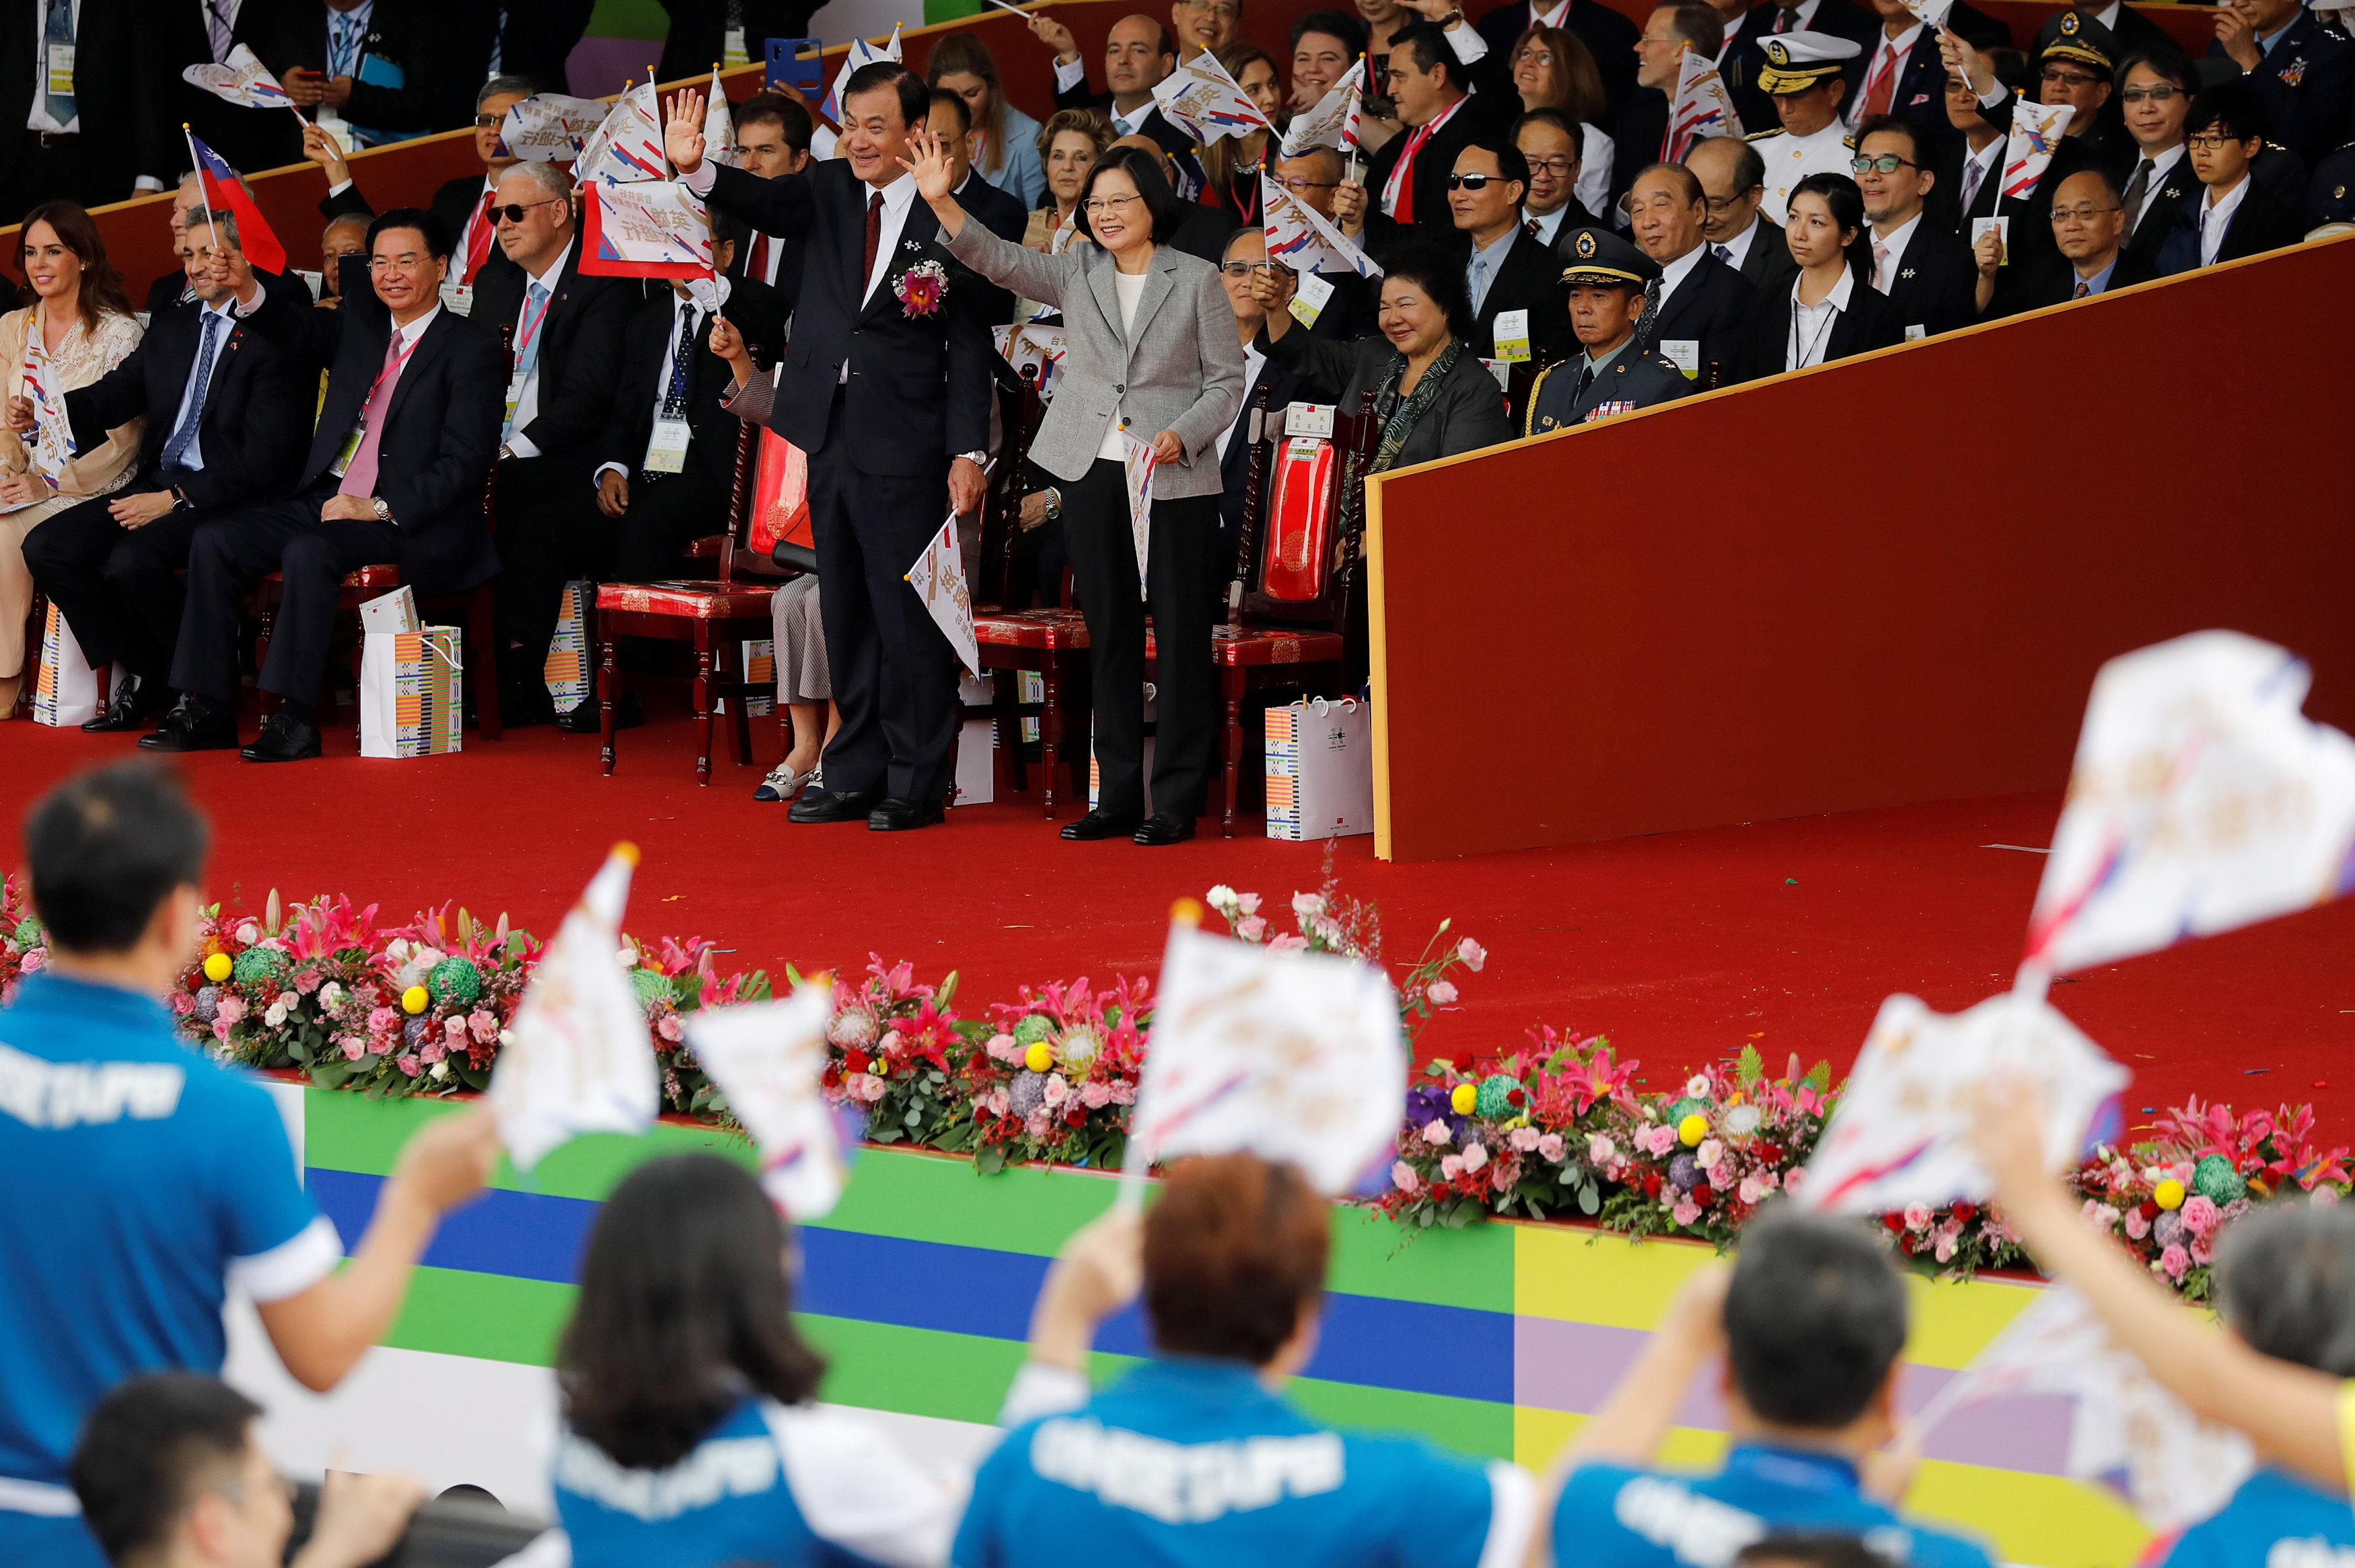 الرئيسة التايوانية تلوح للجماهير لتحيتهم